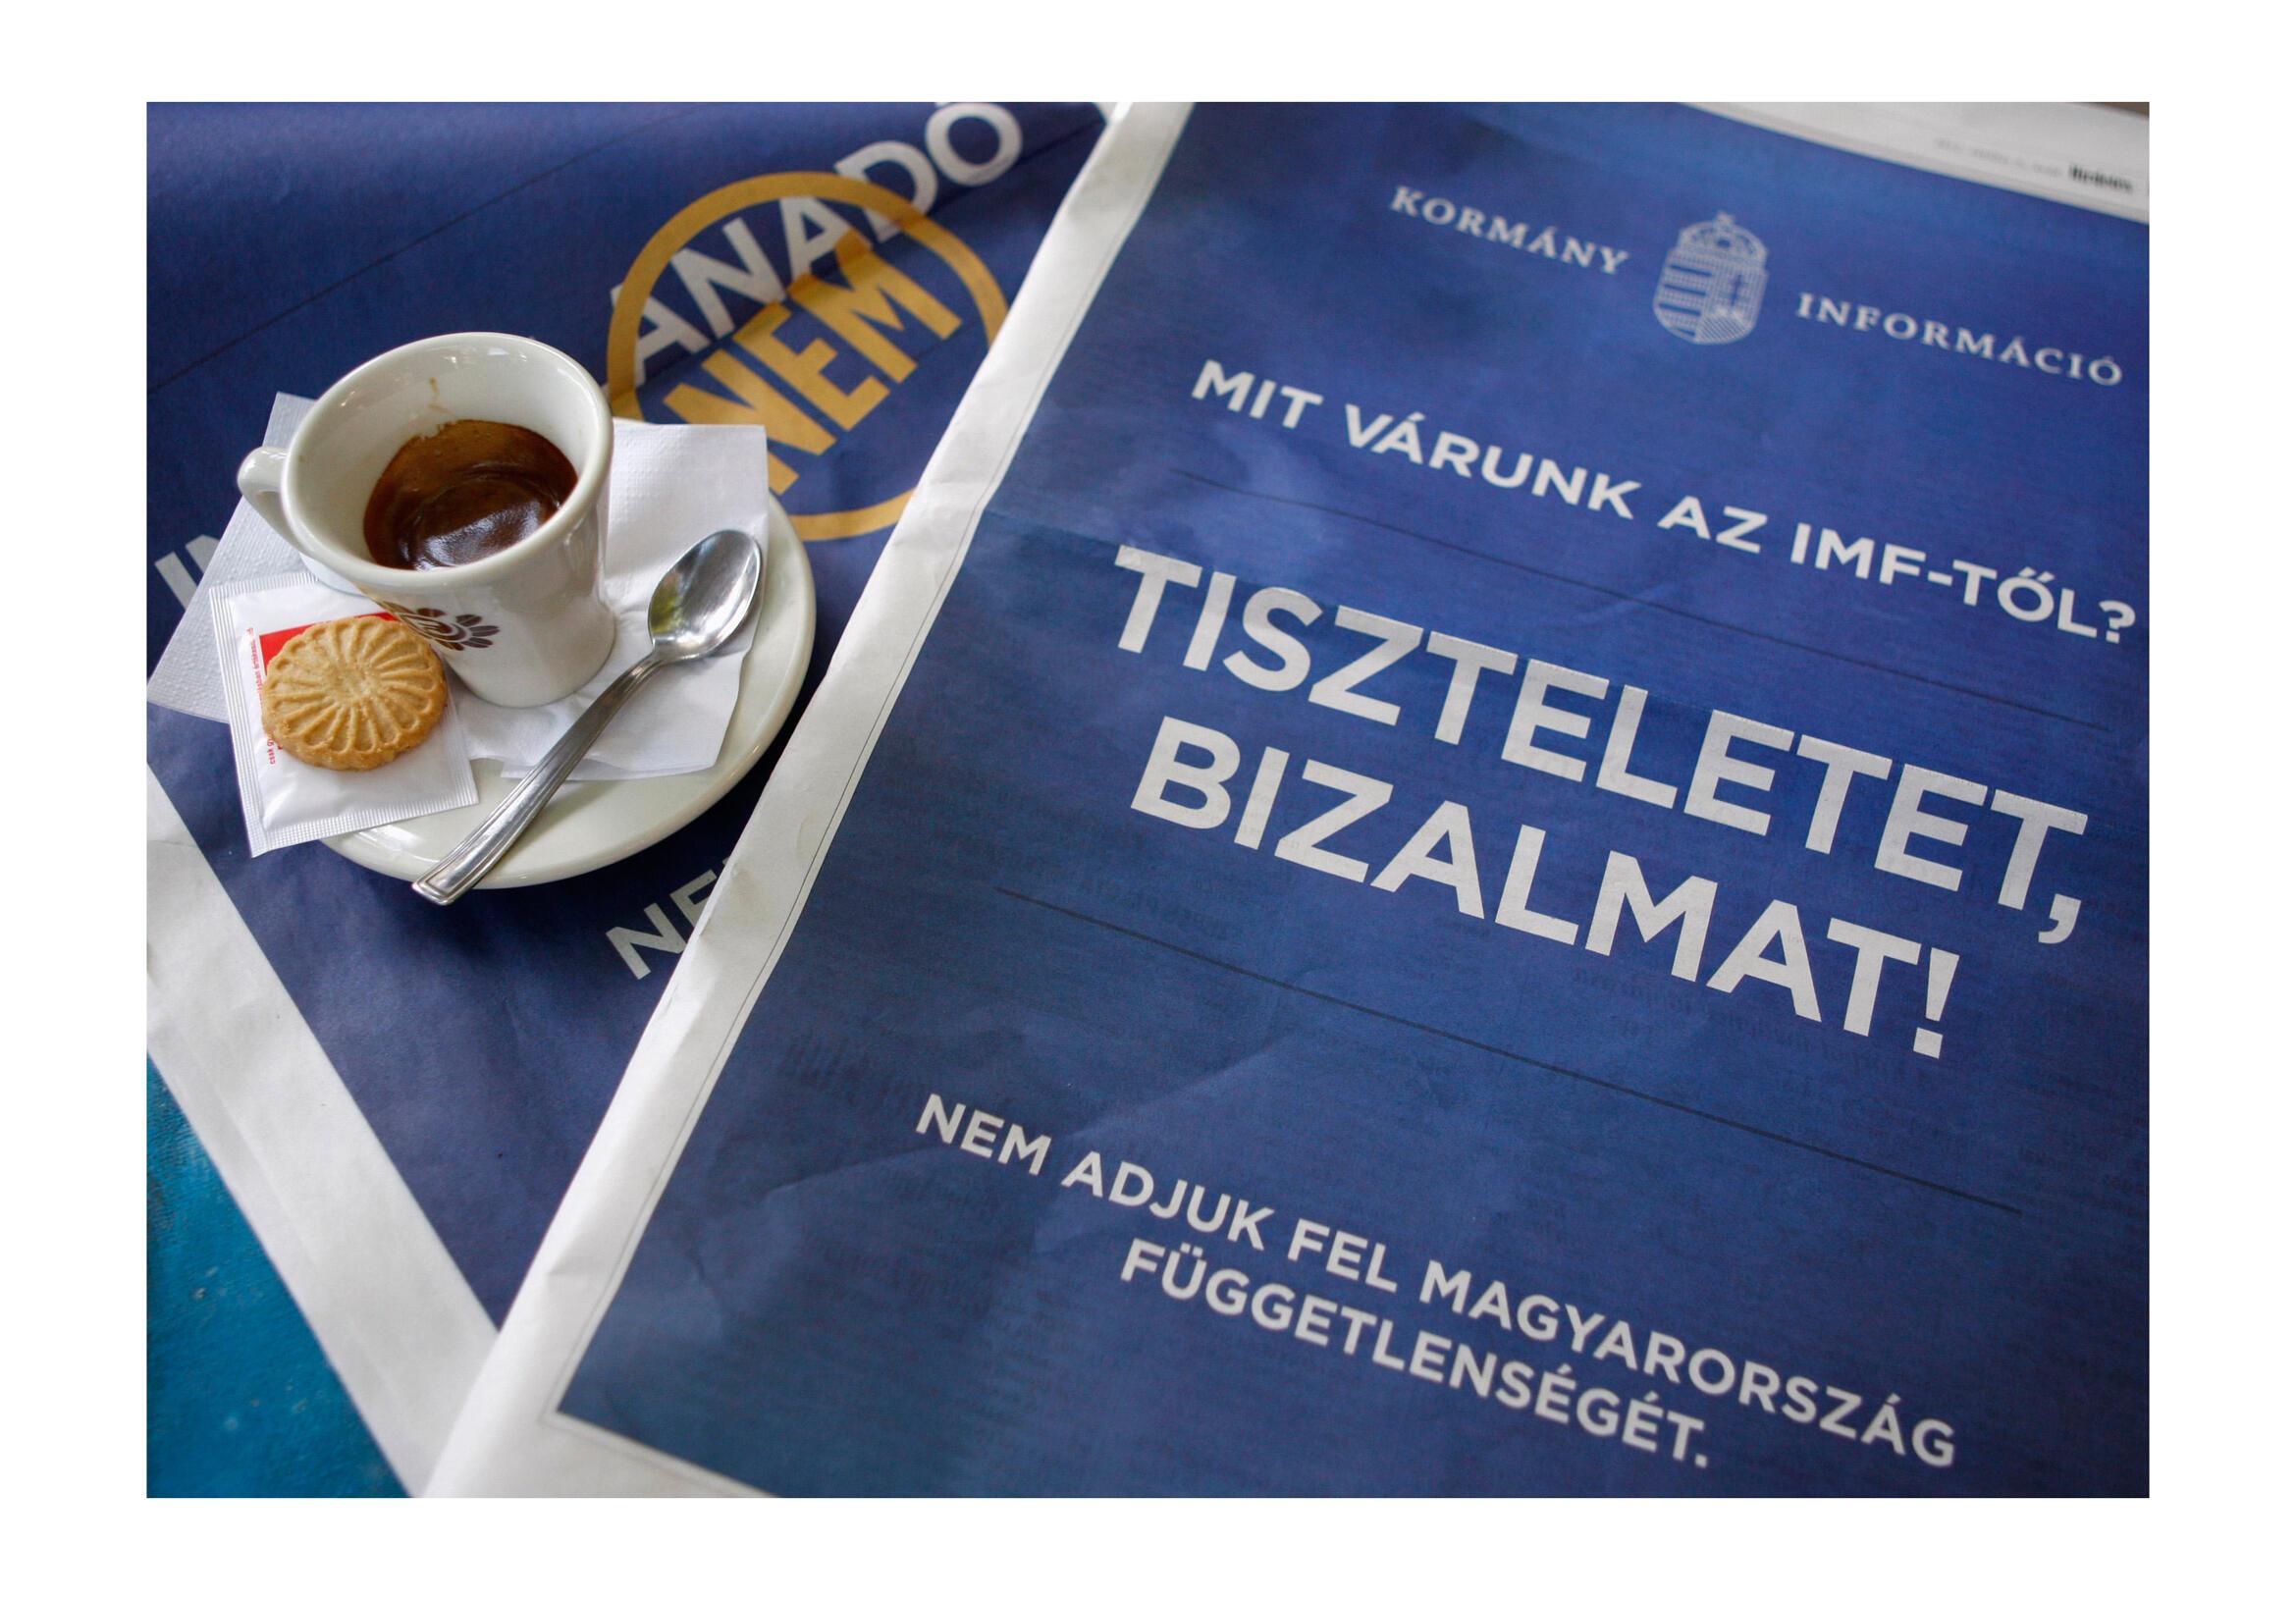 En Hongrie, les publicités « anti-FMI » sont dans les journaux, dans le métro, sur les panneaux publicitaires et sur des sites internet.